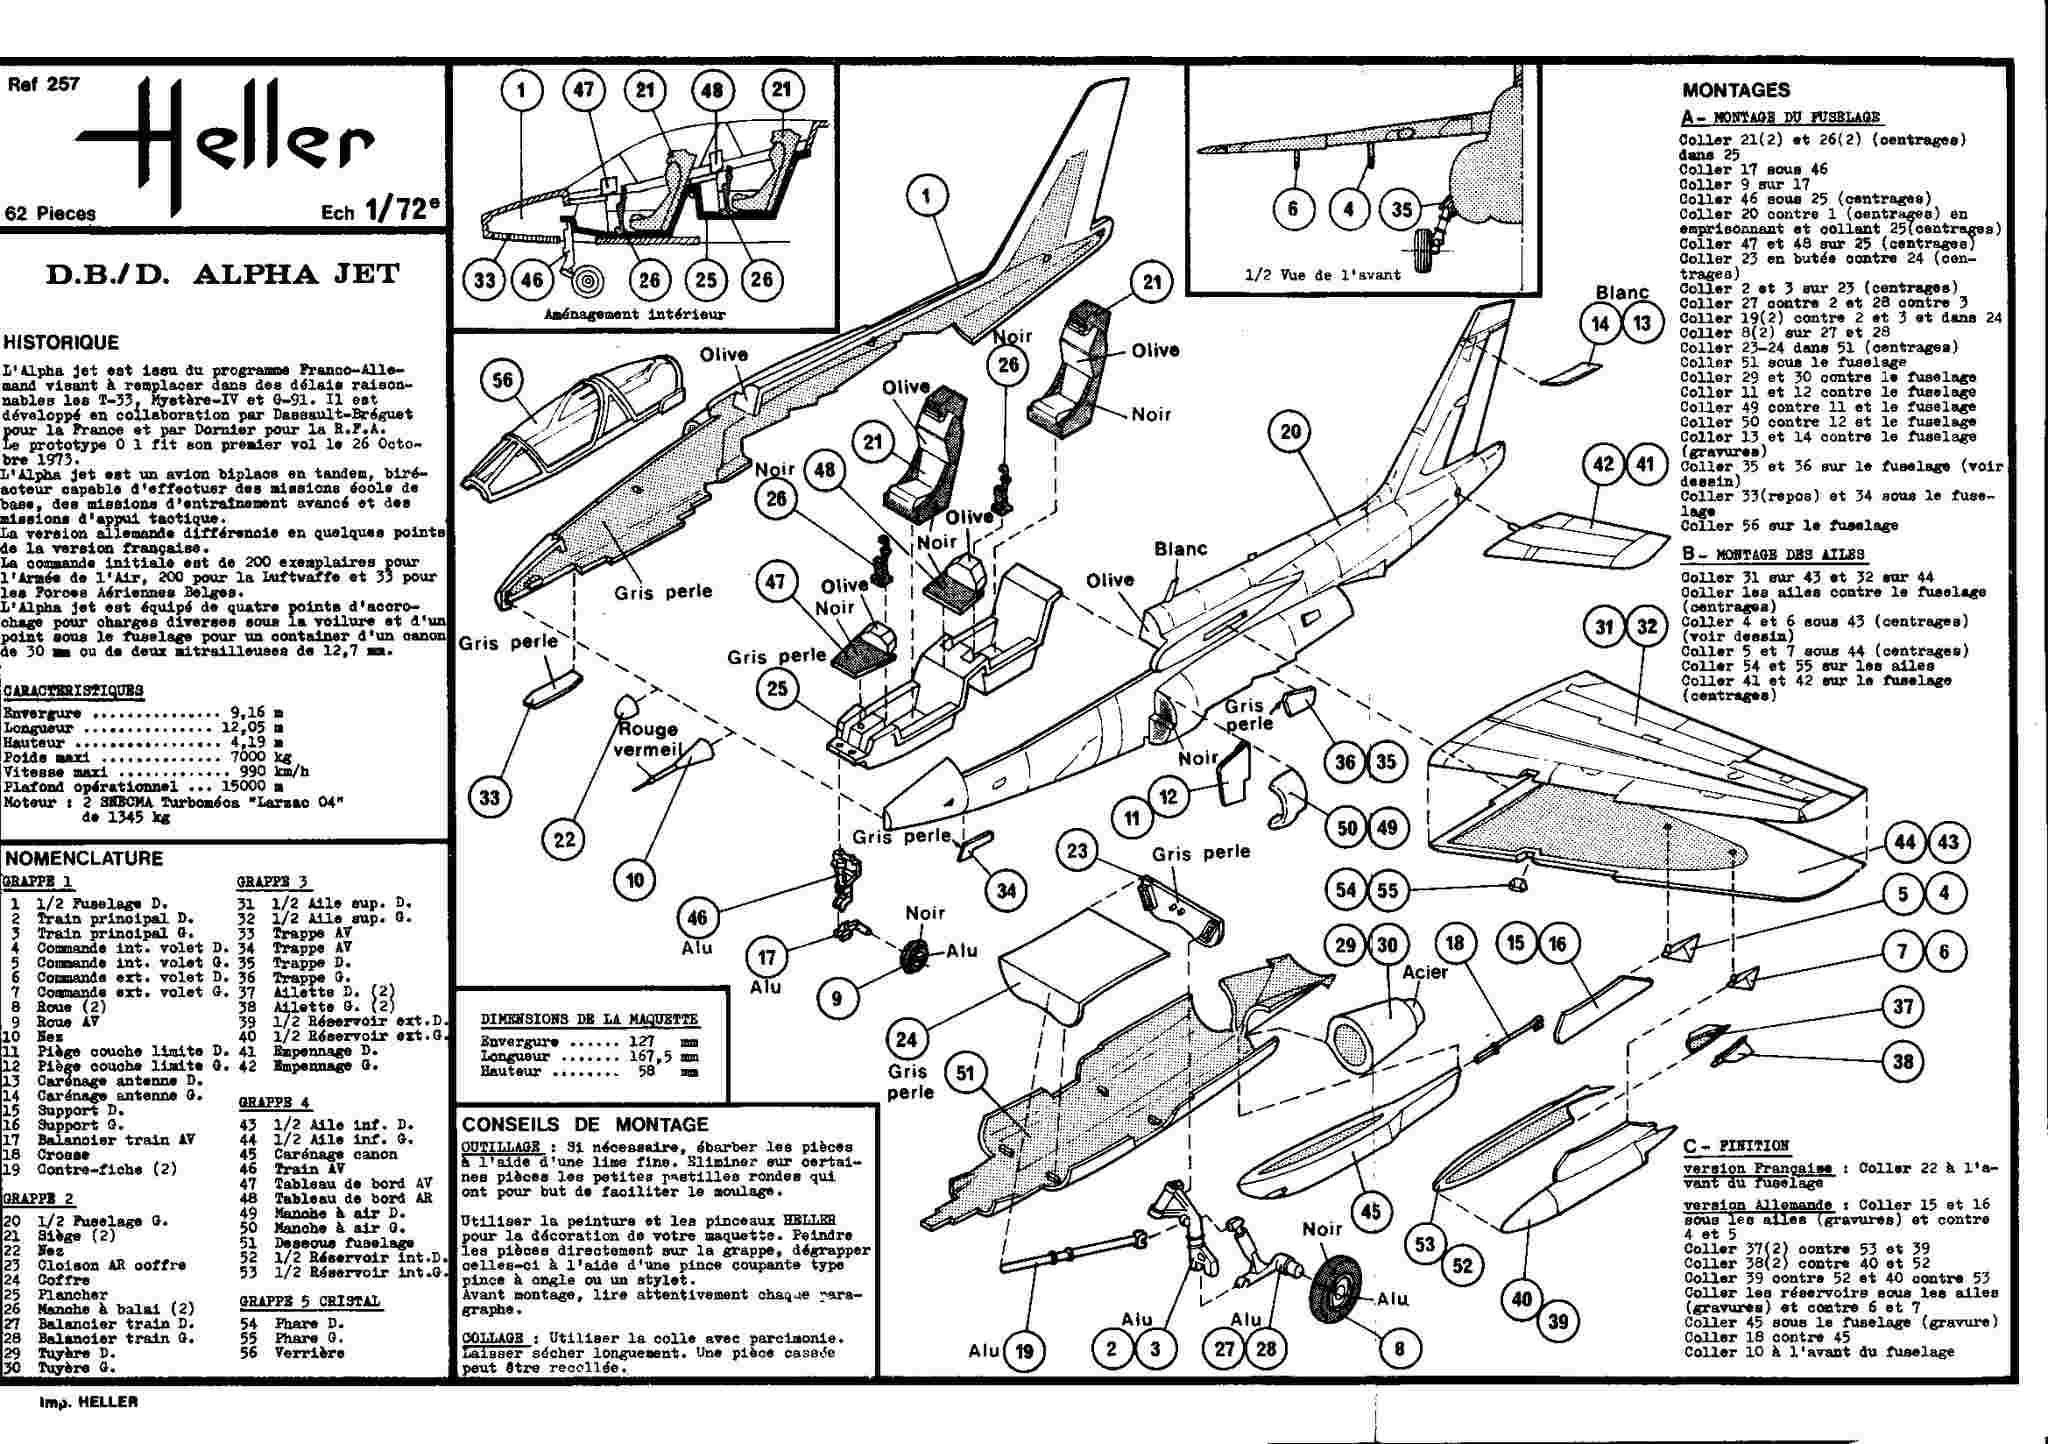 Dasault Breguet Dornier Alphajet, 1/72, Heller Alphat24